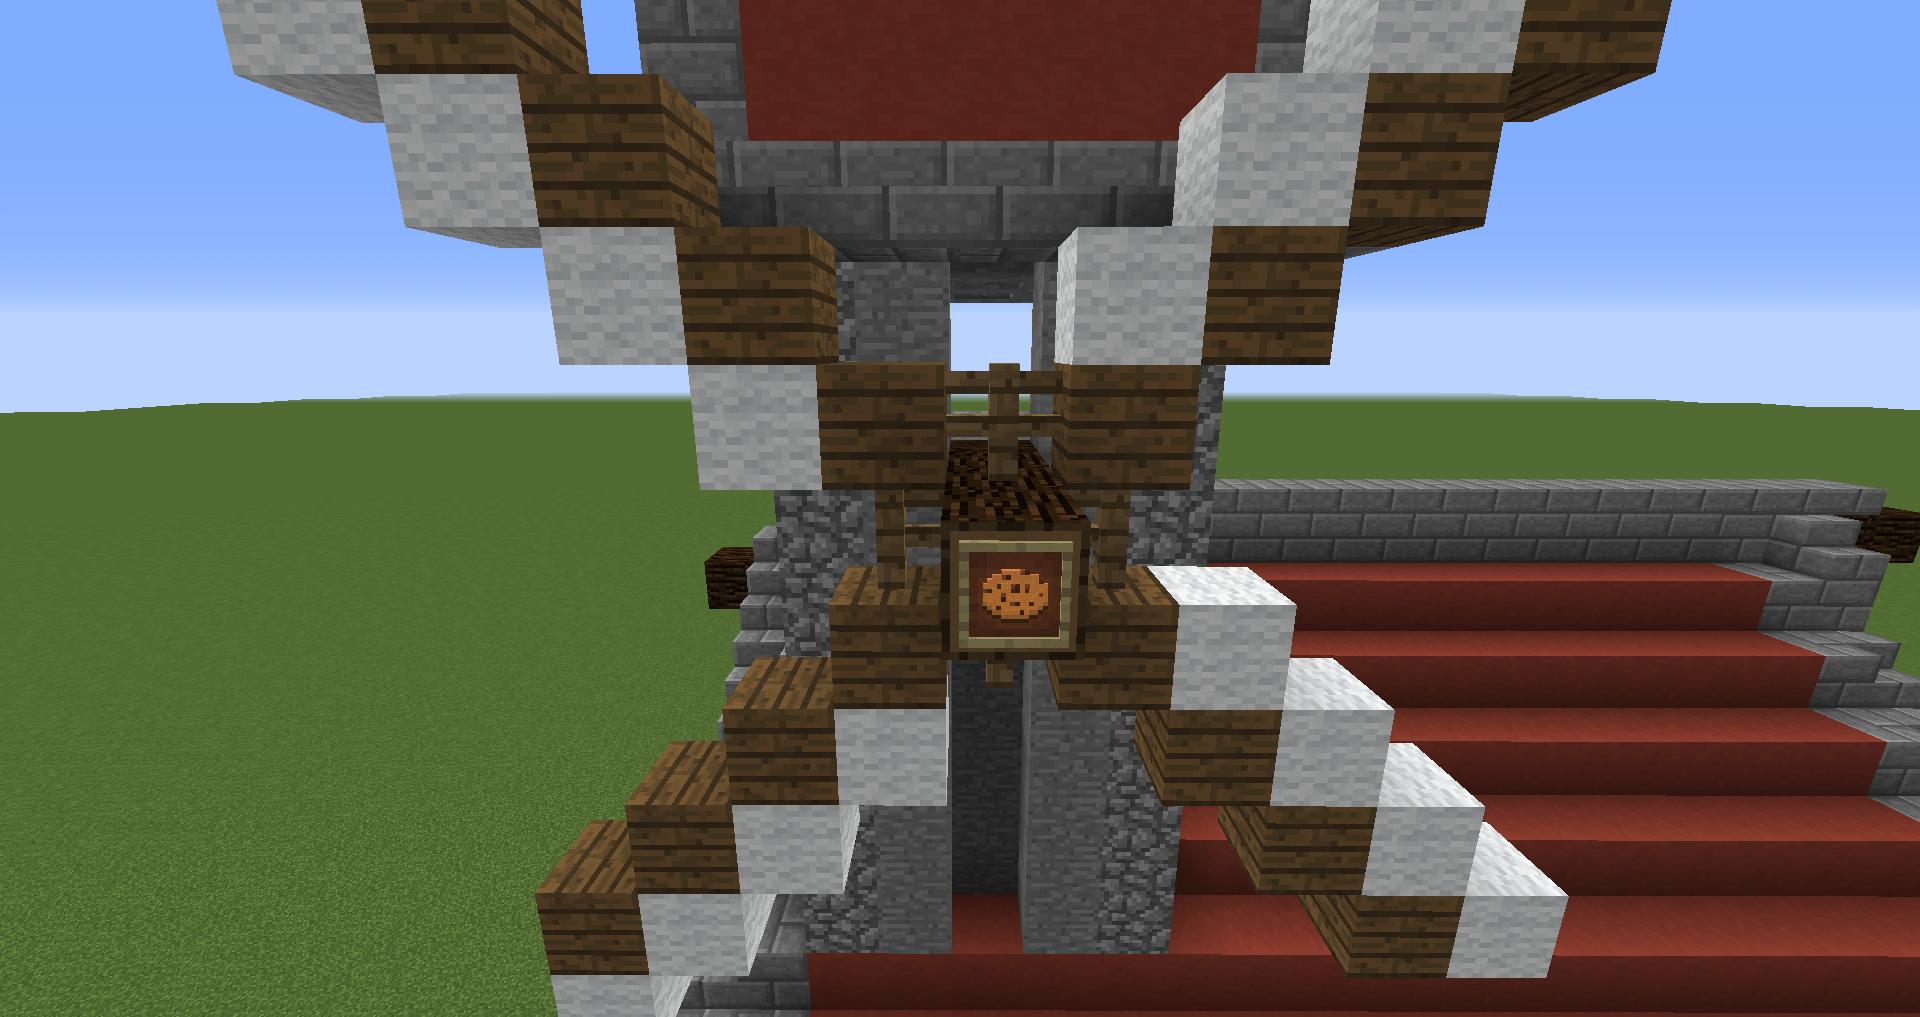 マインクラフト 風車小屋の作り方 簡単建築41